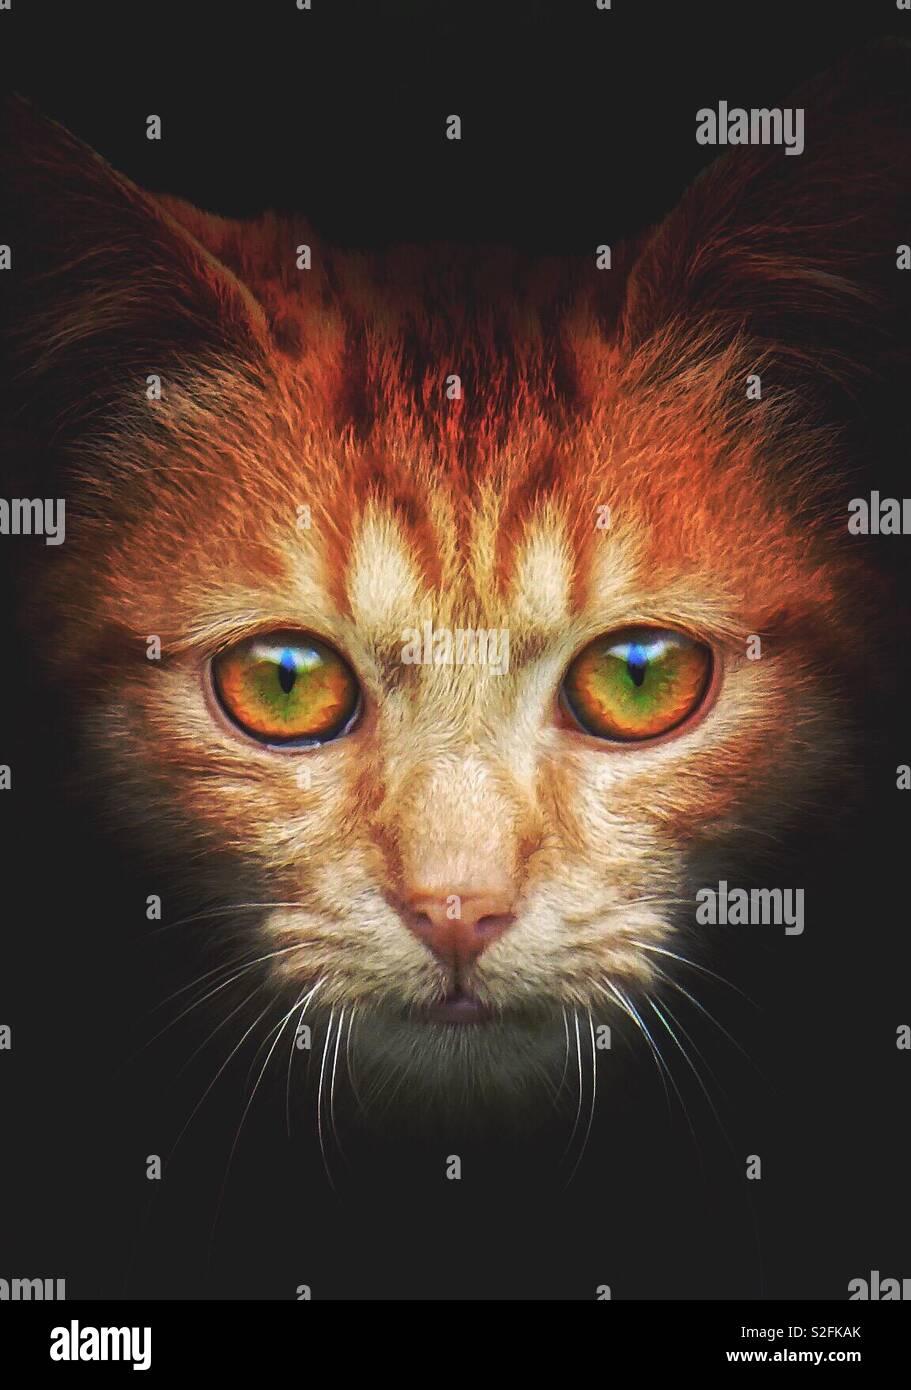 La hermosa marrón gato retrato Imagen De Stock